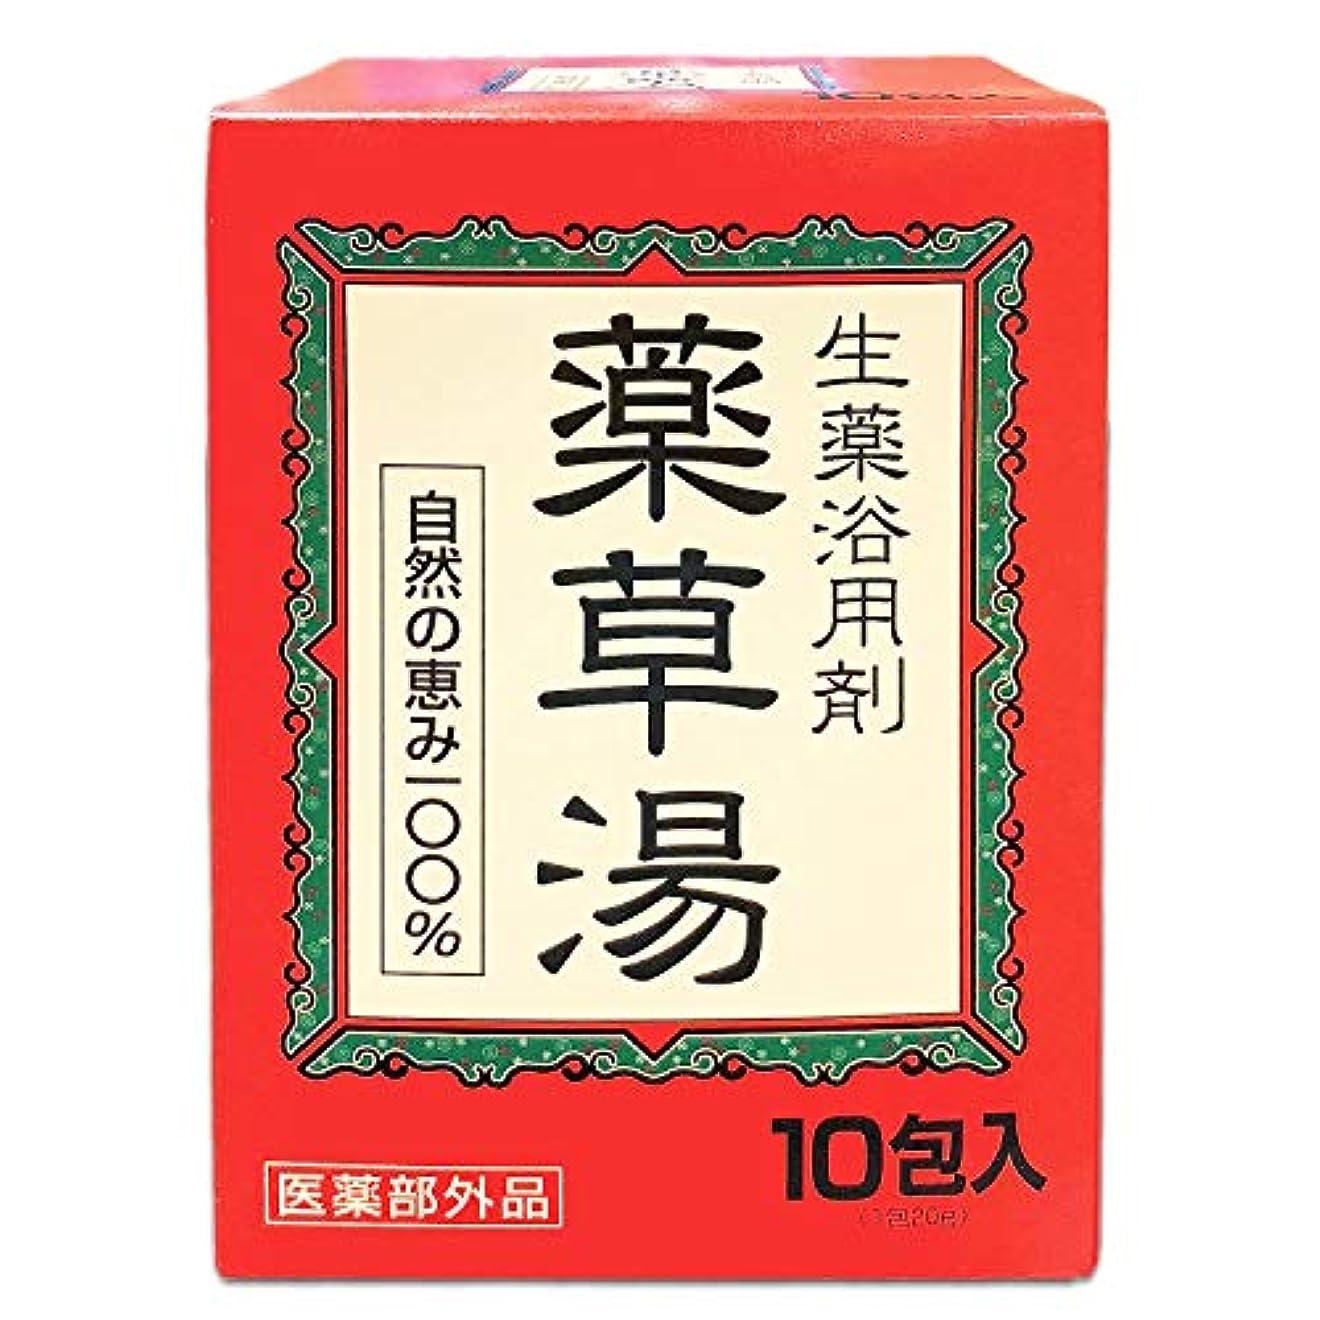 裸知らせる必要ない薬草湯 生薬浴用剤 10包入 自然の恵み100% 医薬部外品